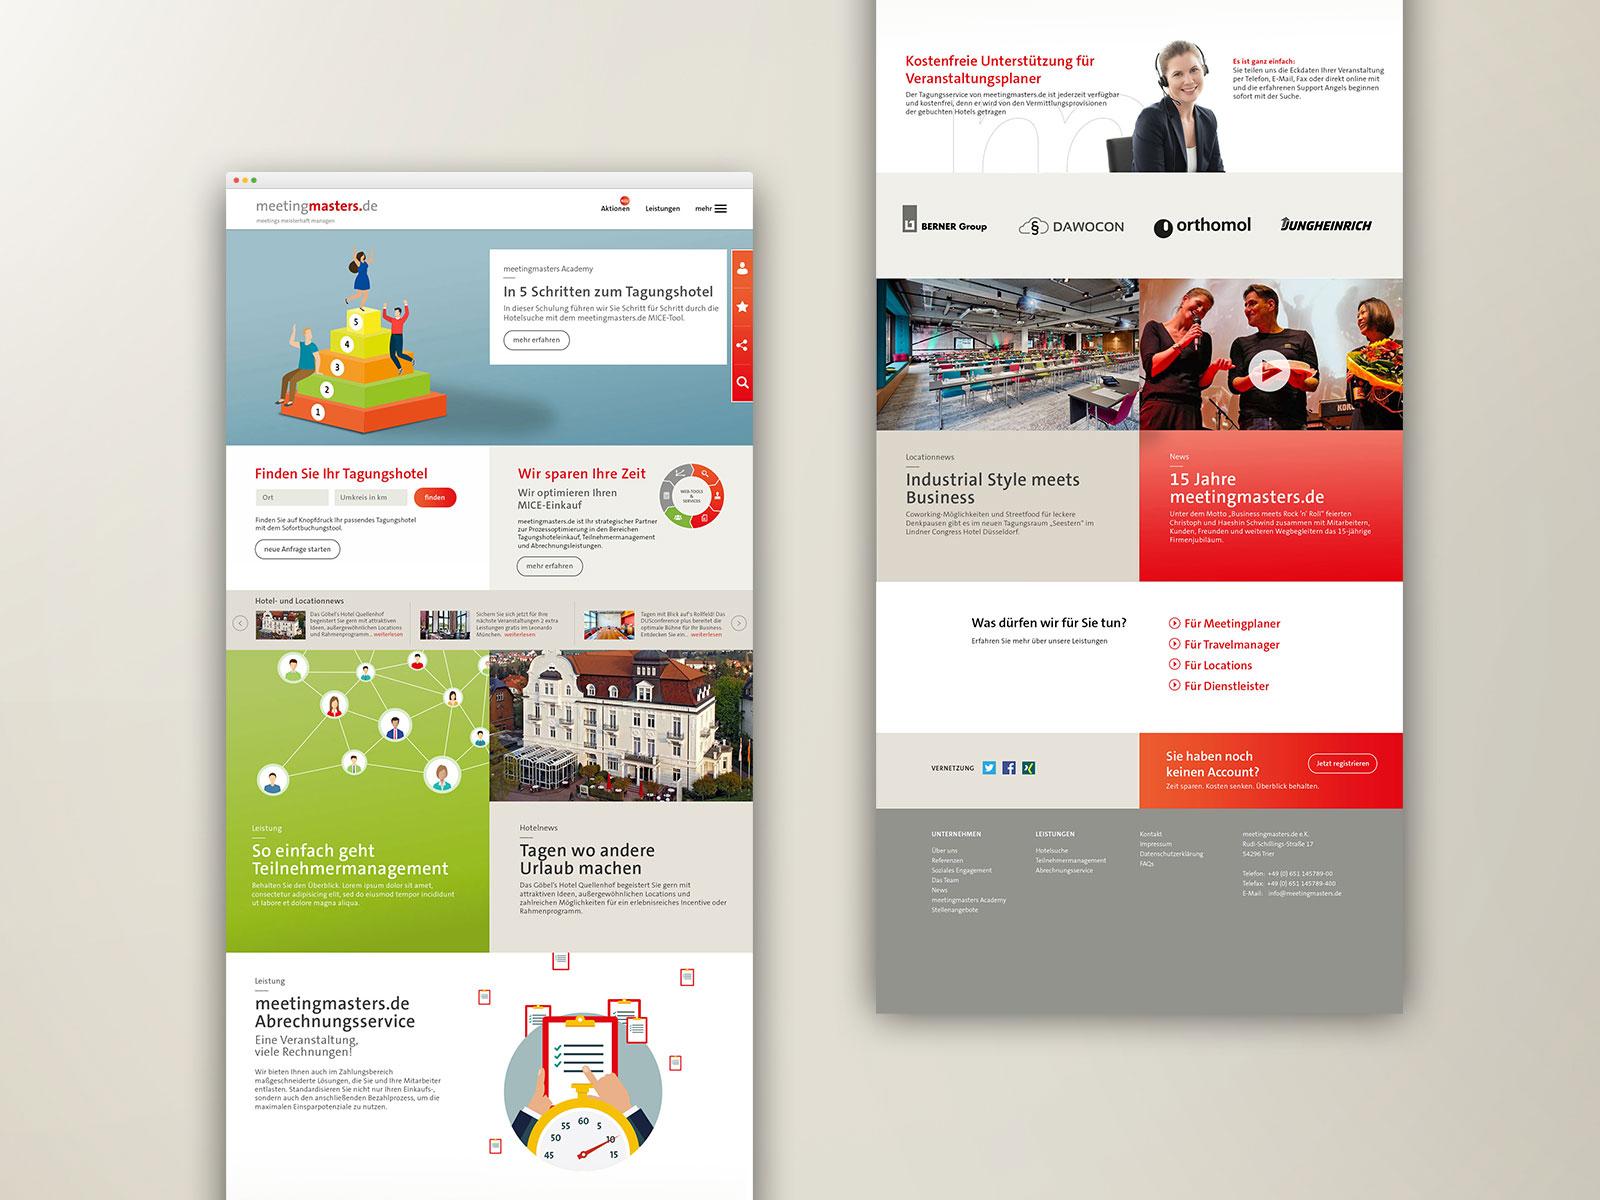 Homepage meetingmasters.de